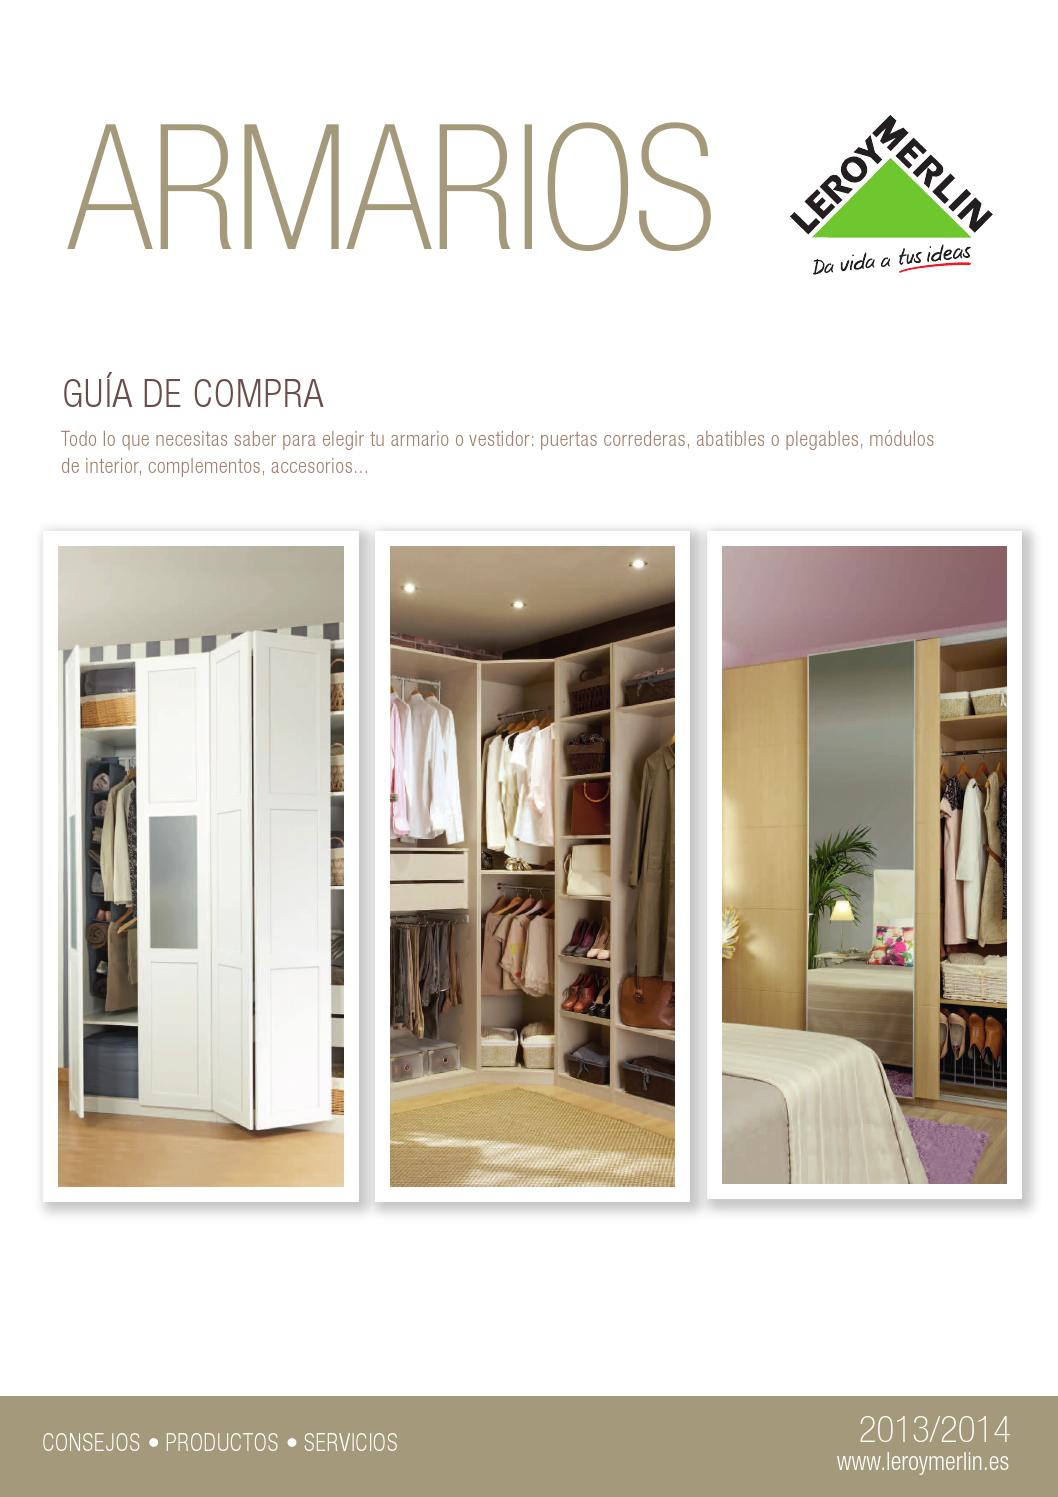 Leroy merlin armarios guia de compra 2013 14 by for Armarios sin puertas leroy merlin